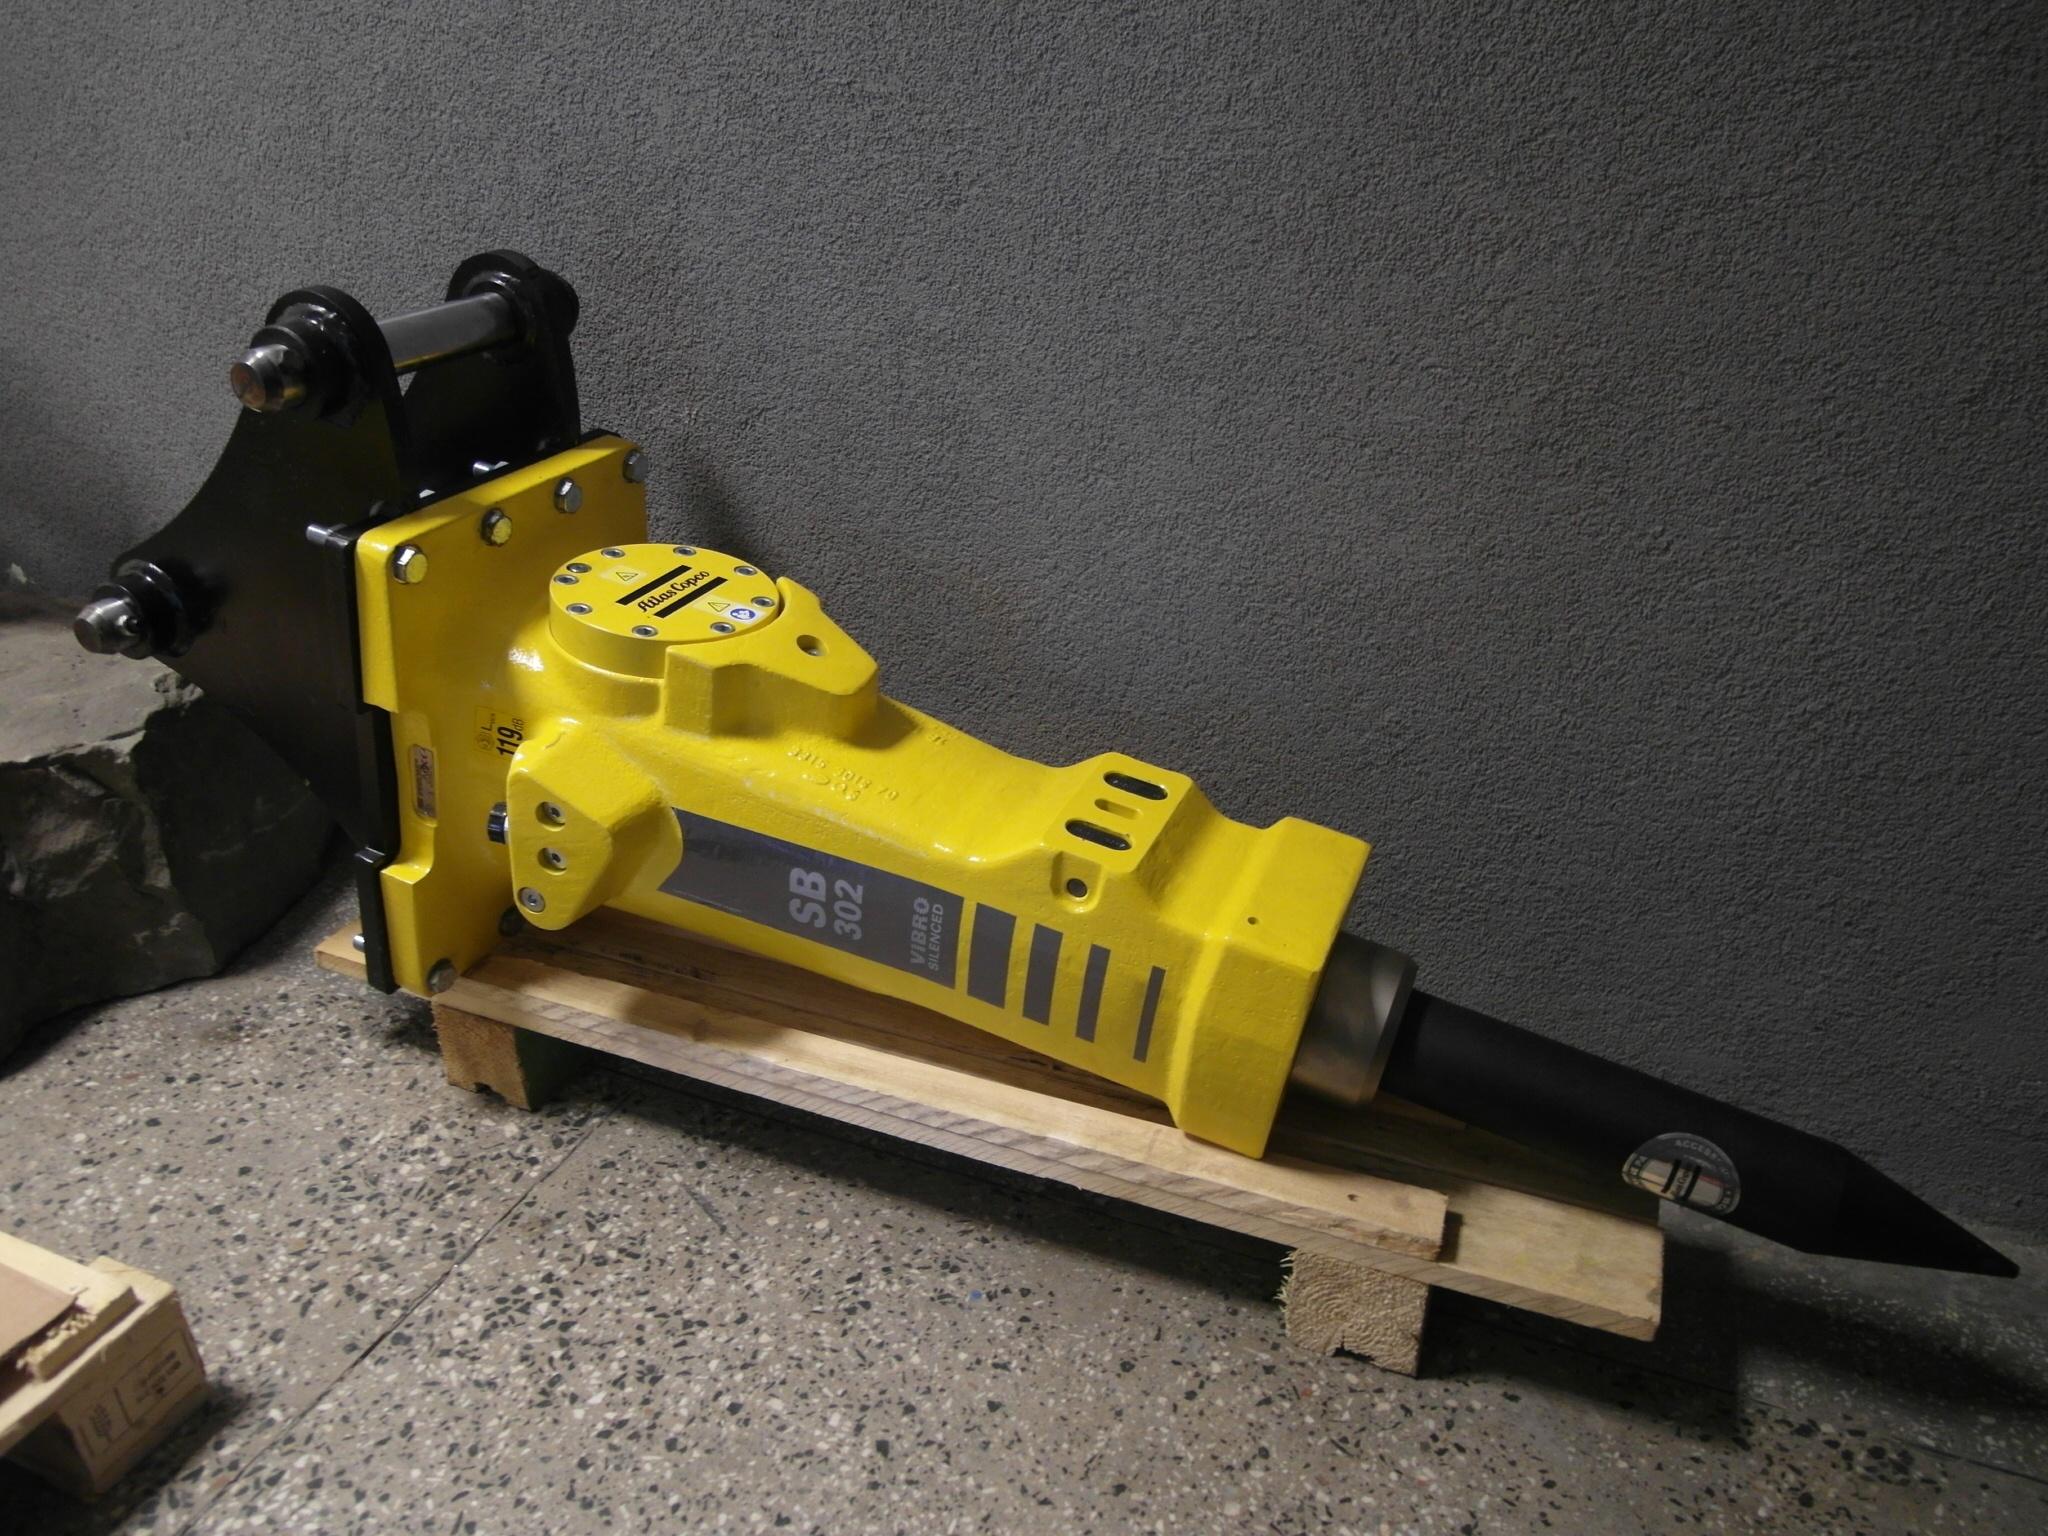 Młot hydrauliczny Atlas Copco SB 302 do koparko-ładowarki